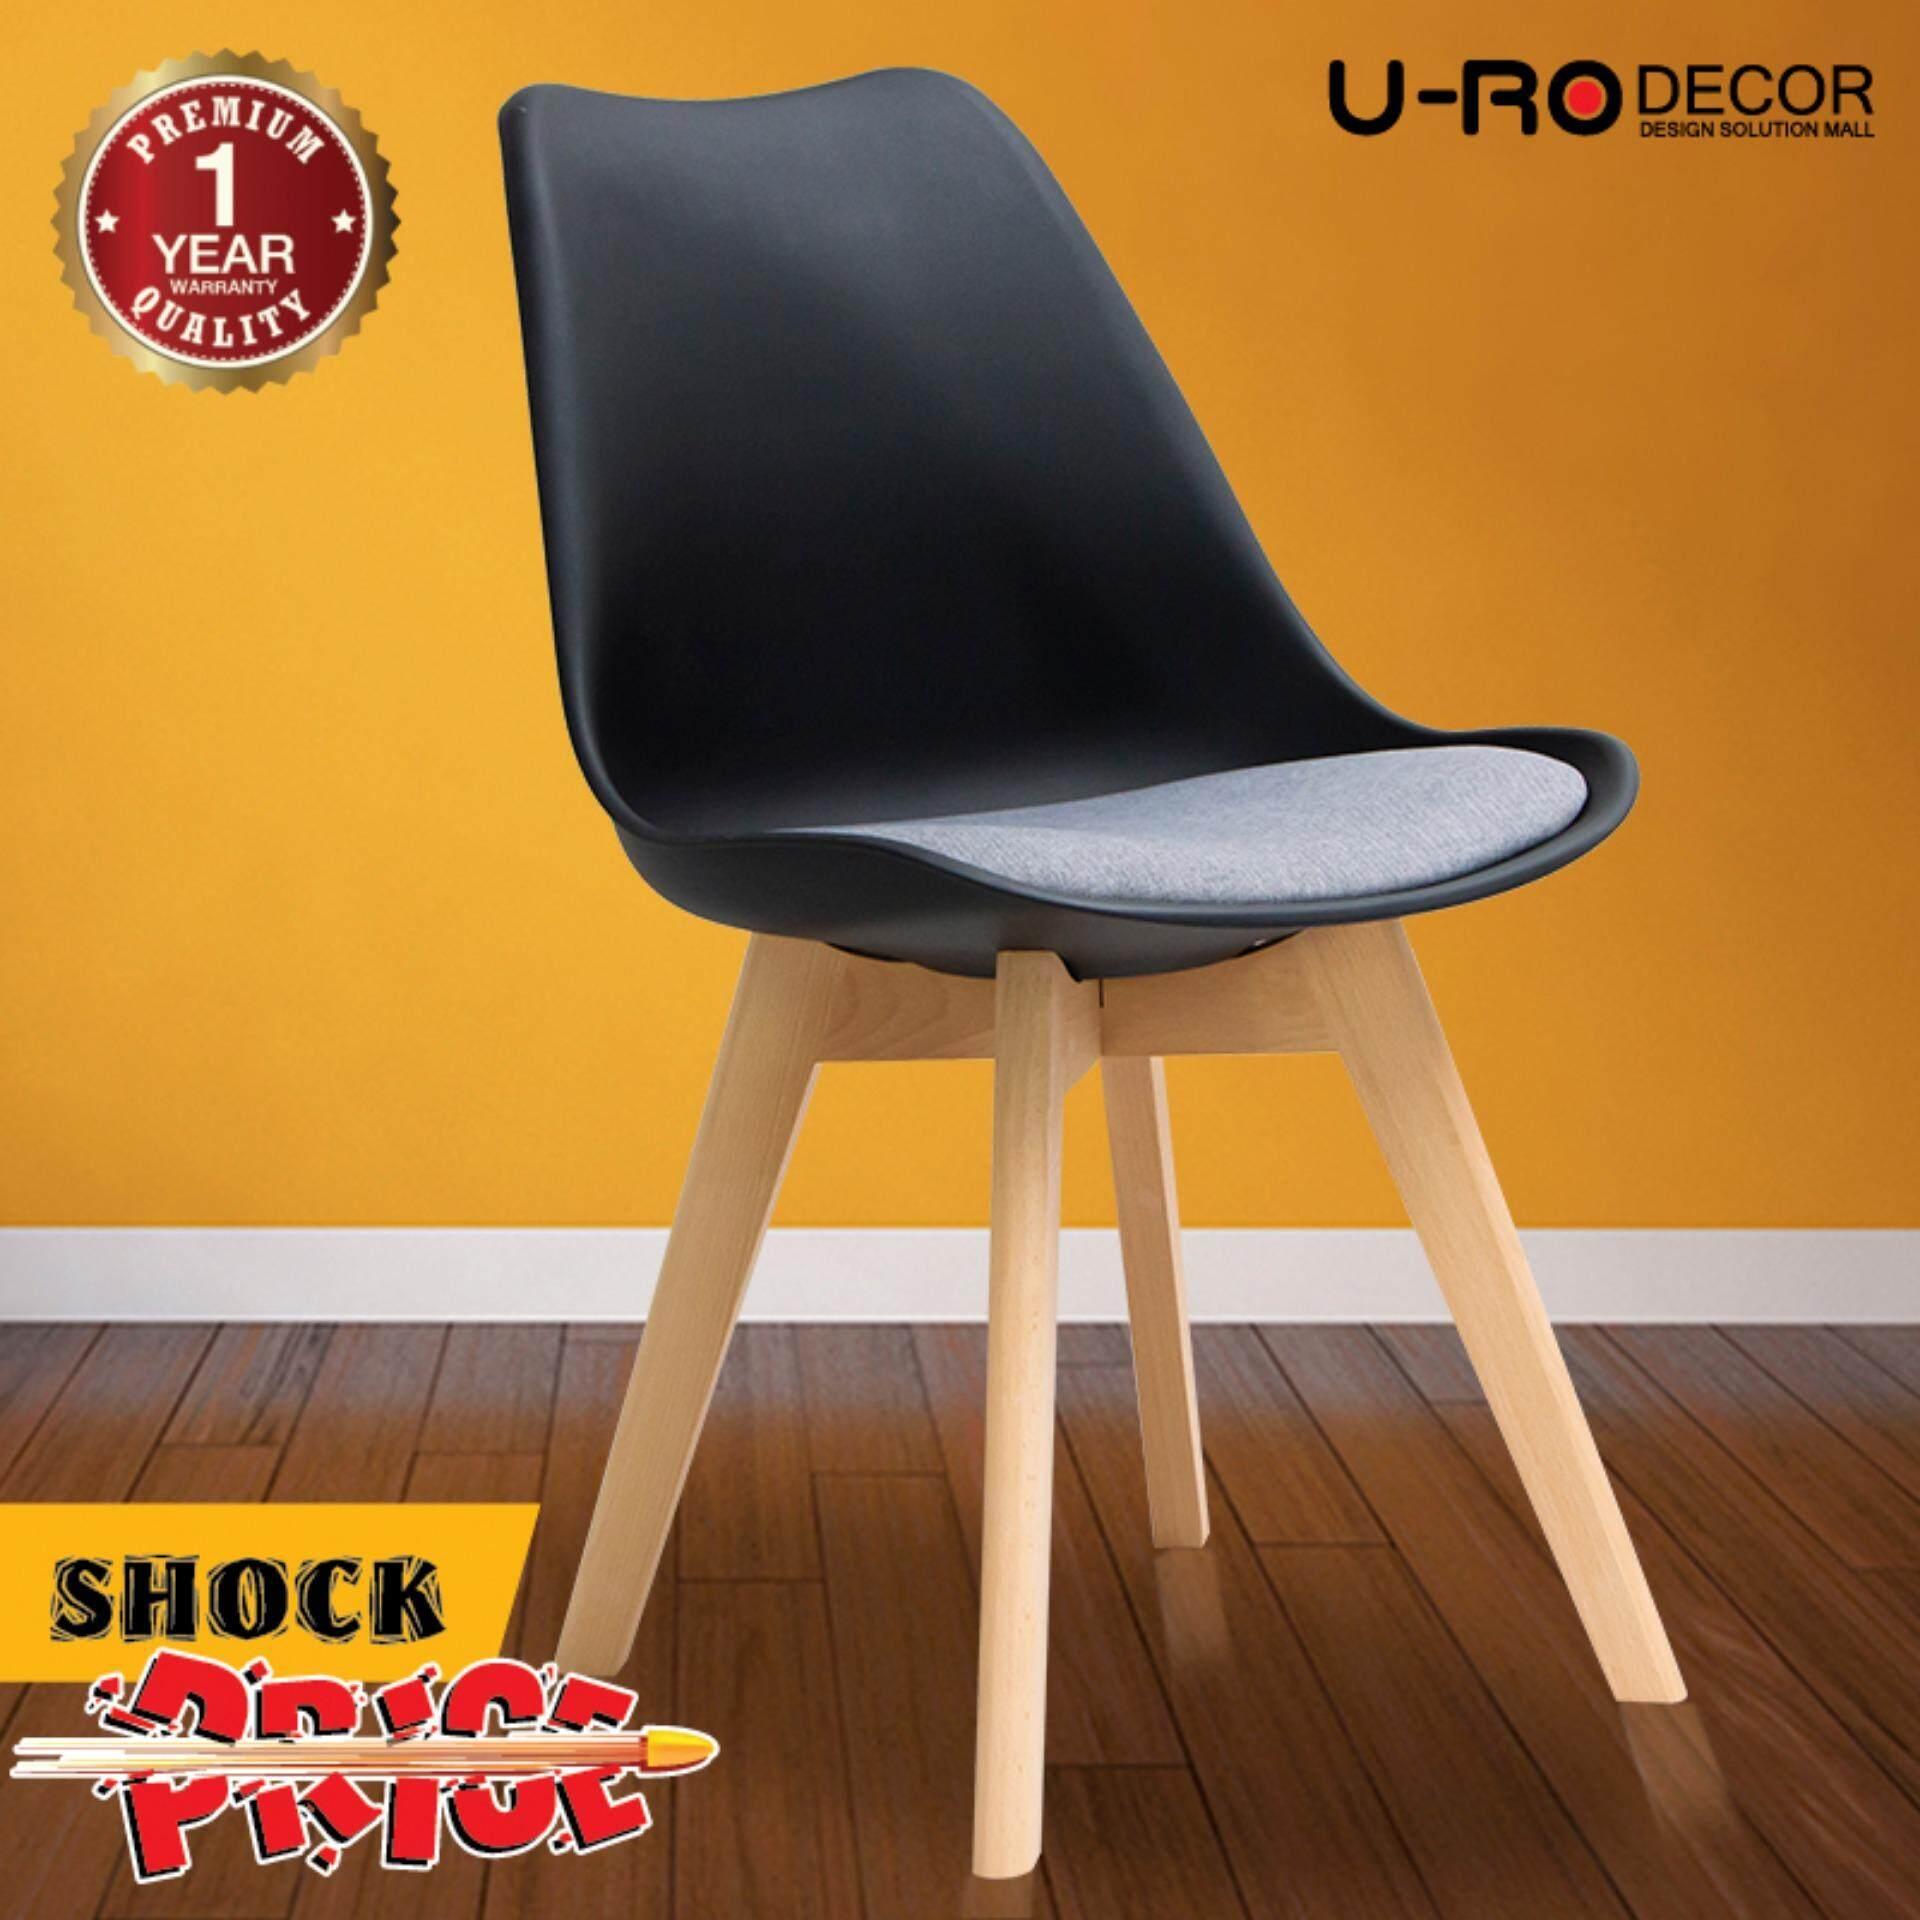 เช่าเก้าอี้ โคราช U-RO DECOR เก้าอี้รับประทานอาหาร รุ่น CENTO (เซ็นโต้)ขาไม้บีช เก้าอี้ เก้าอี้สไตล์โมเดิร์น minimal เฟอร์นิเจอร์ห้องนั่งเล่น เก้าอี้ห้องนั่งเล่น เก้าอี้กินข้าว chair dining chair